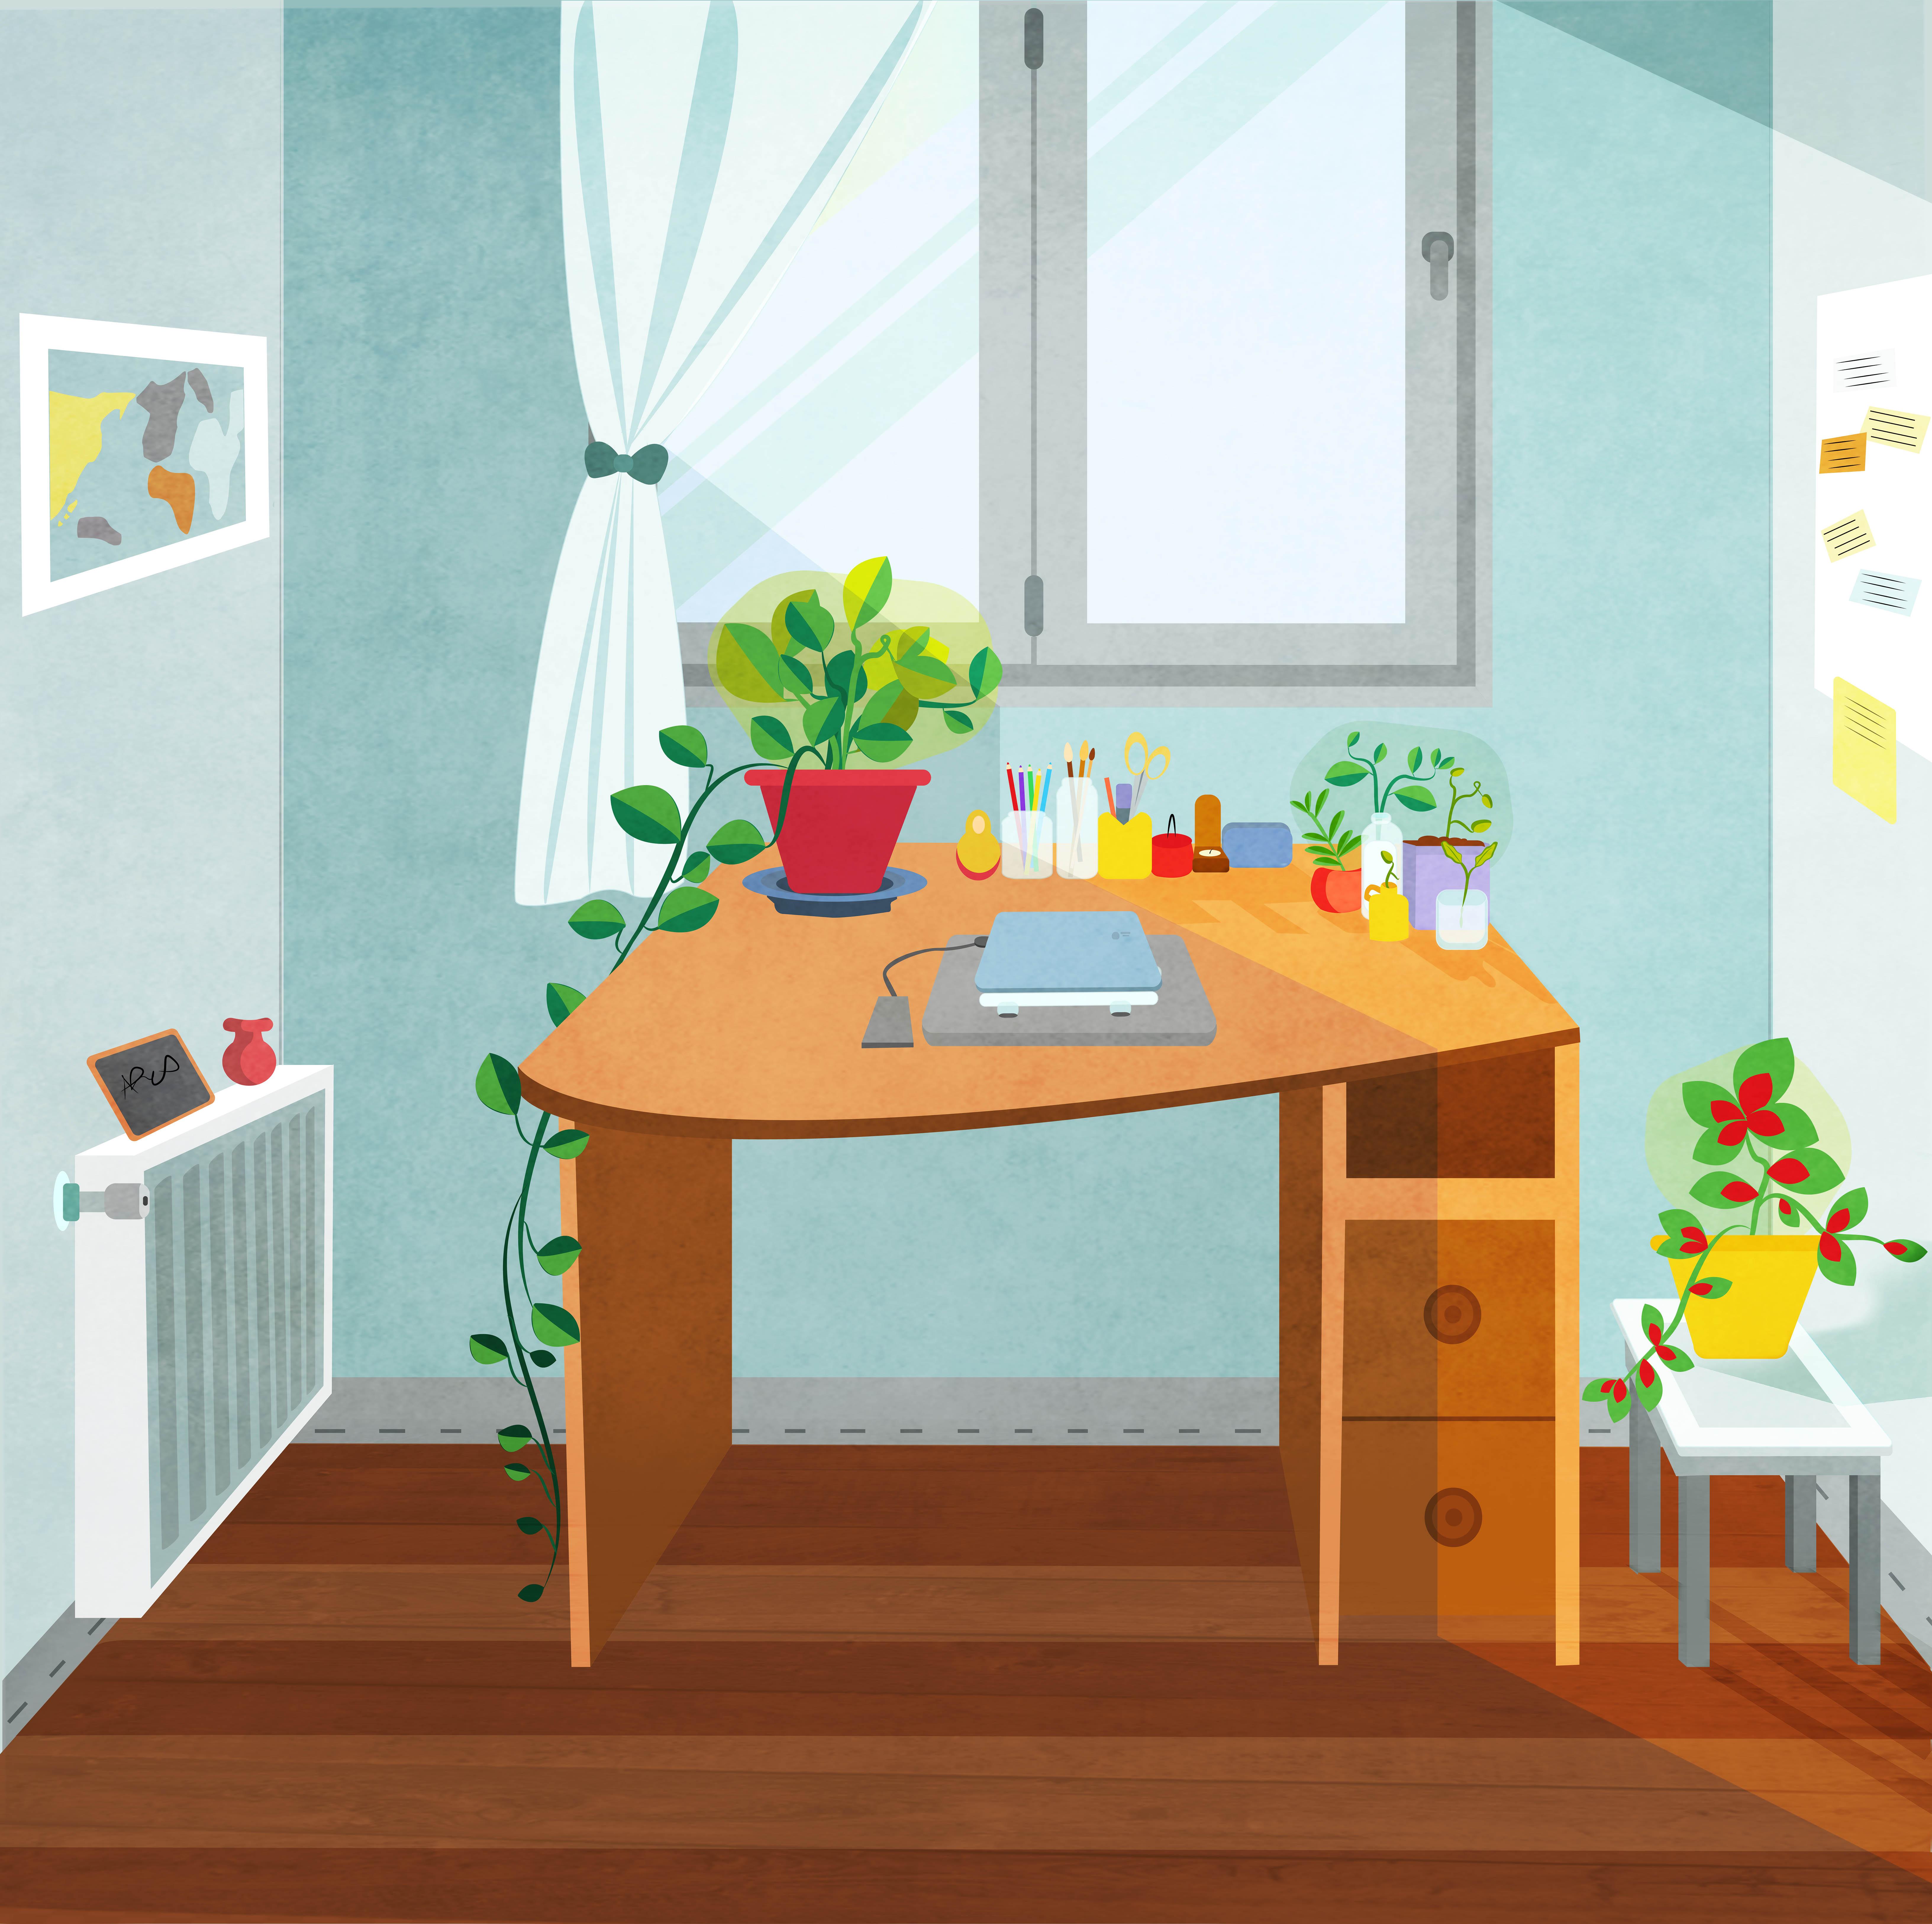 تصویرسازی میزکار